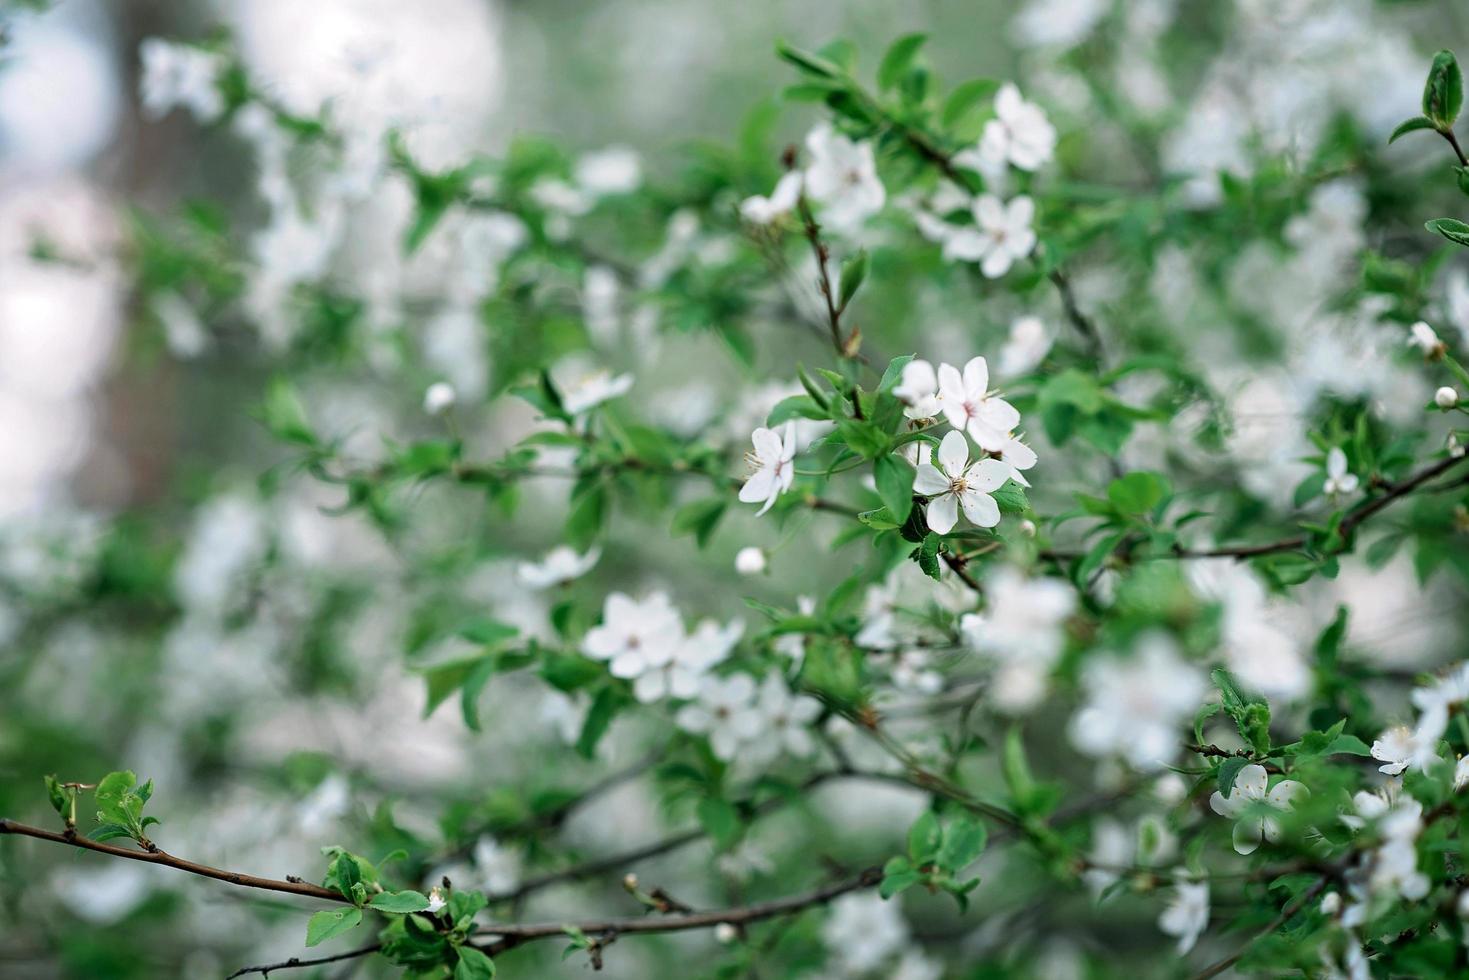 körsbärsblommor i full blom. körsbärsblommor i små kluster på en gren av ett körsbärsträd som förvandlas till vitt på en grön bakgrund. grunt skärpedjup. blommig konsistens. mjukt fokus. foto